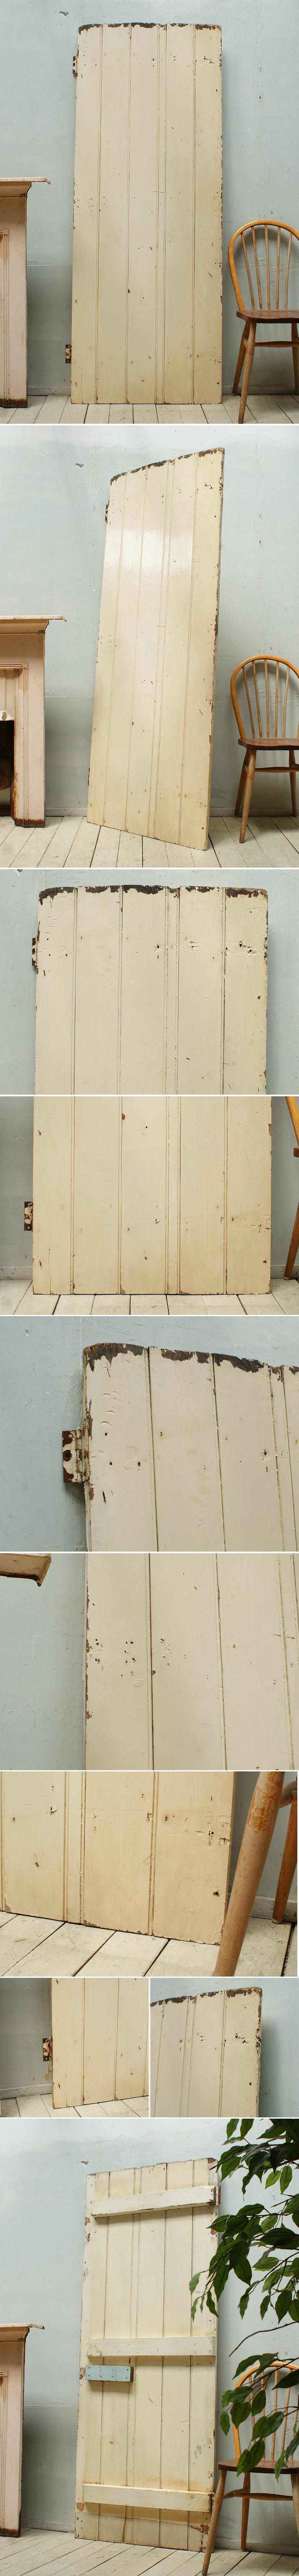 イギリス アンティーク 木製ドア 扉 ディスプレイ 建具 3277